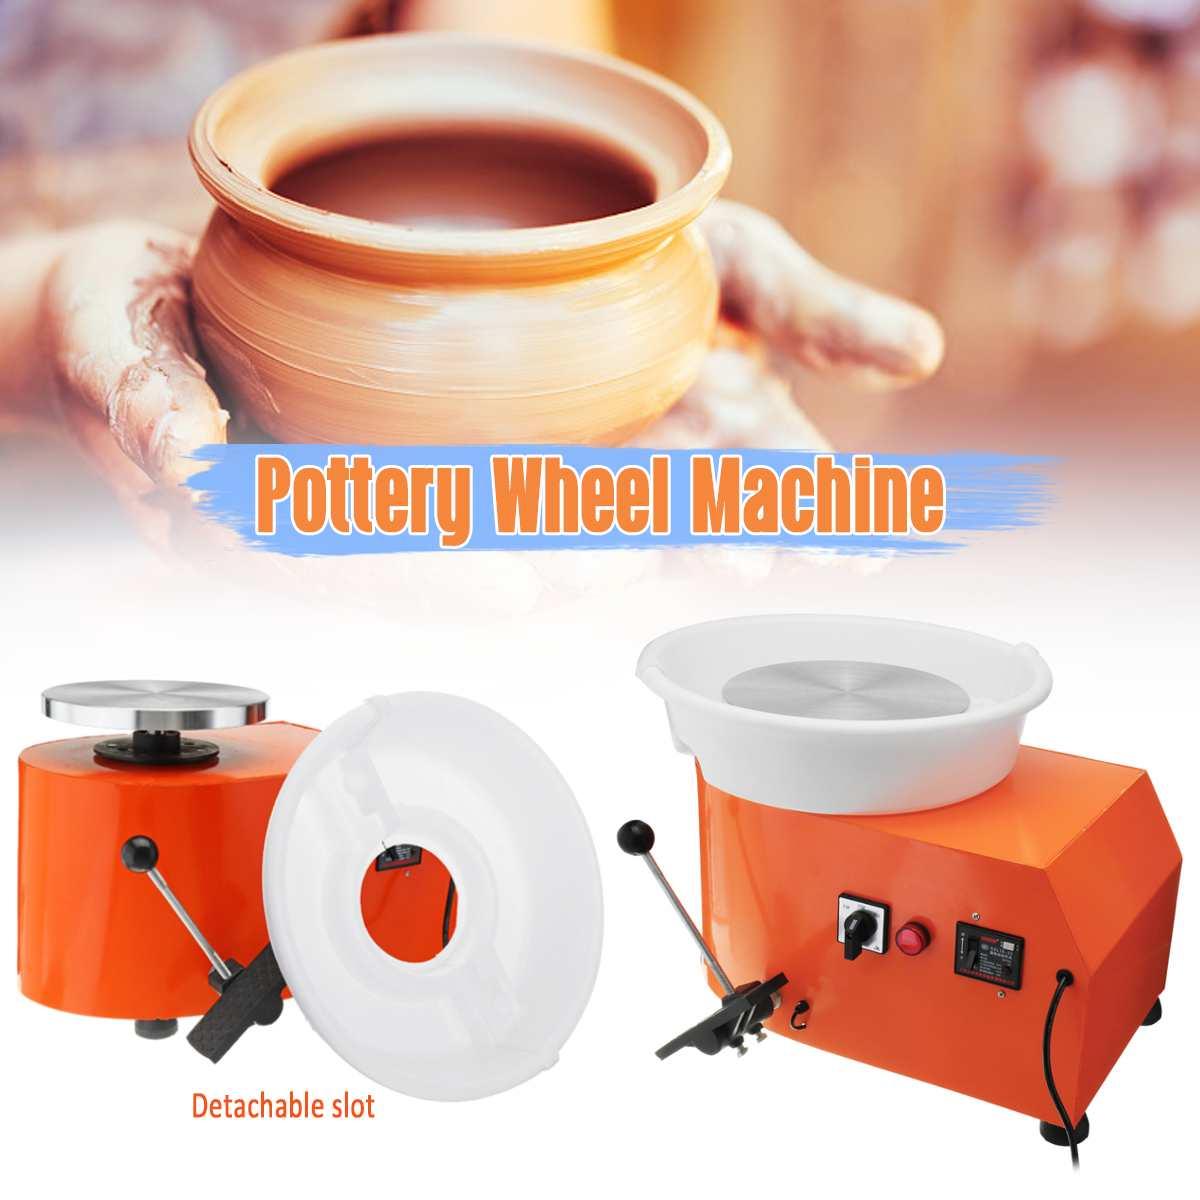 Poterie roue détachable Machine 350 W céramique travail argile artisanat Art pédale 110/220 V US/AU/EU Plug Flexible détachable lisse